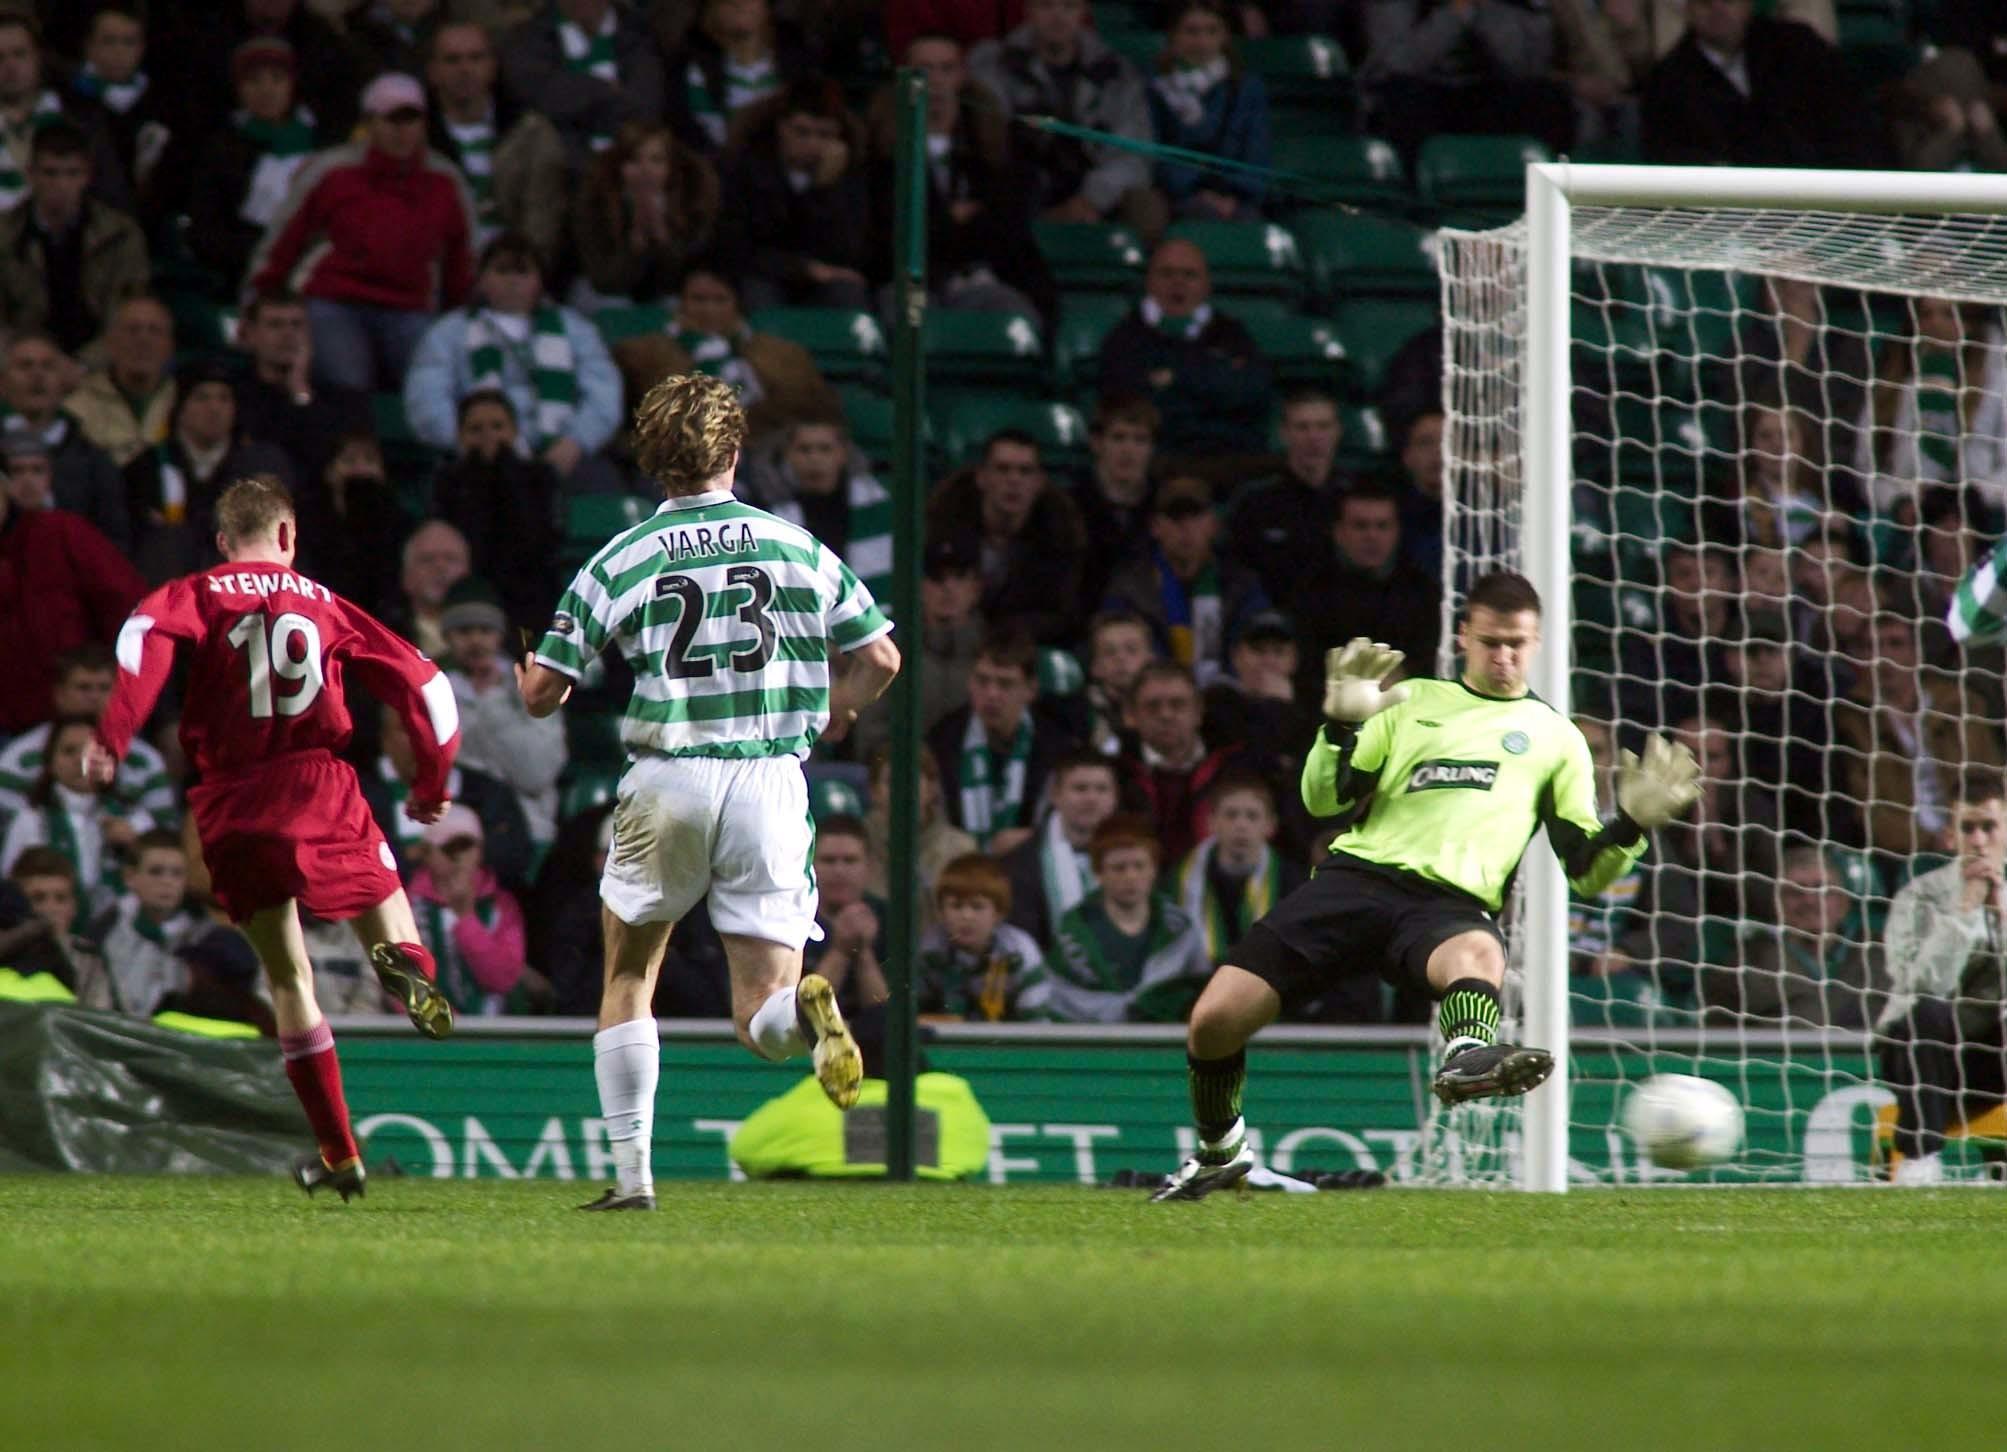 John Stewart made it 3-2 for Aberdeen at Celtic.